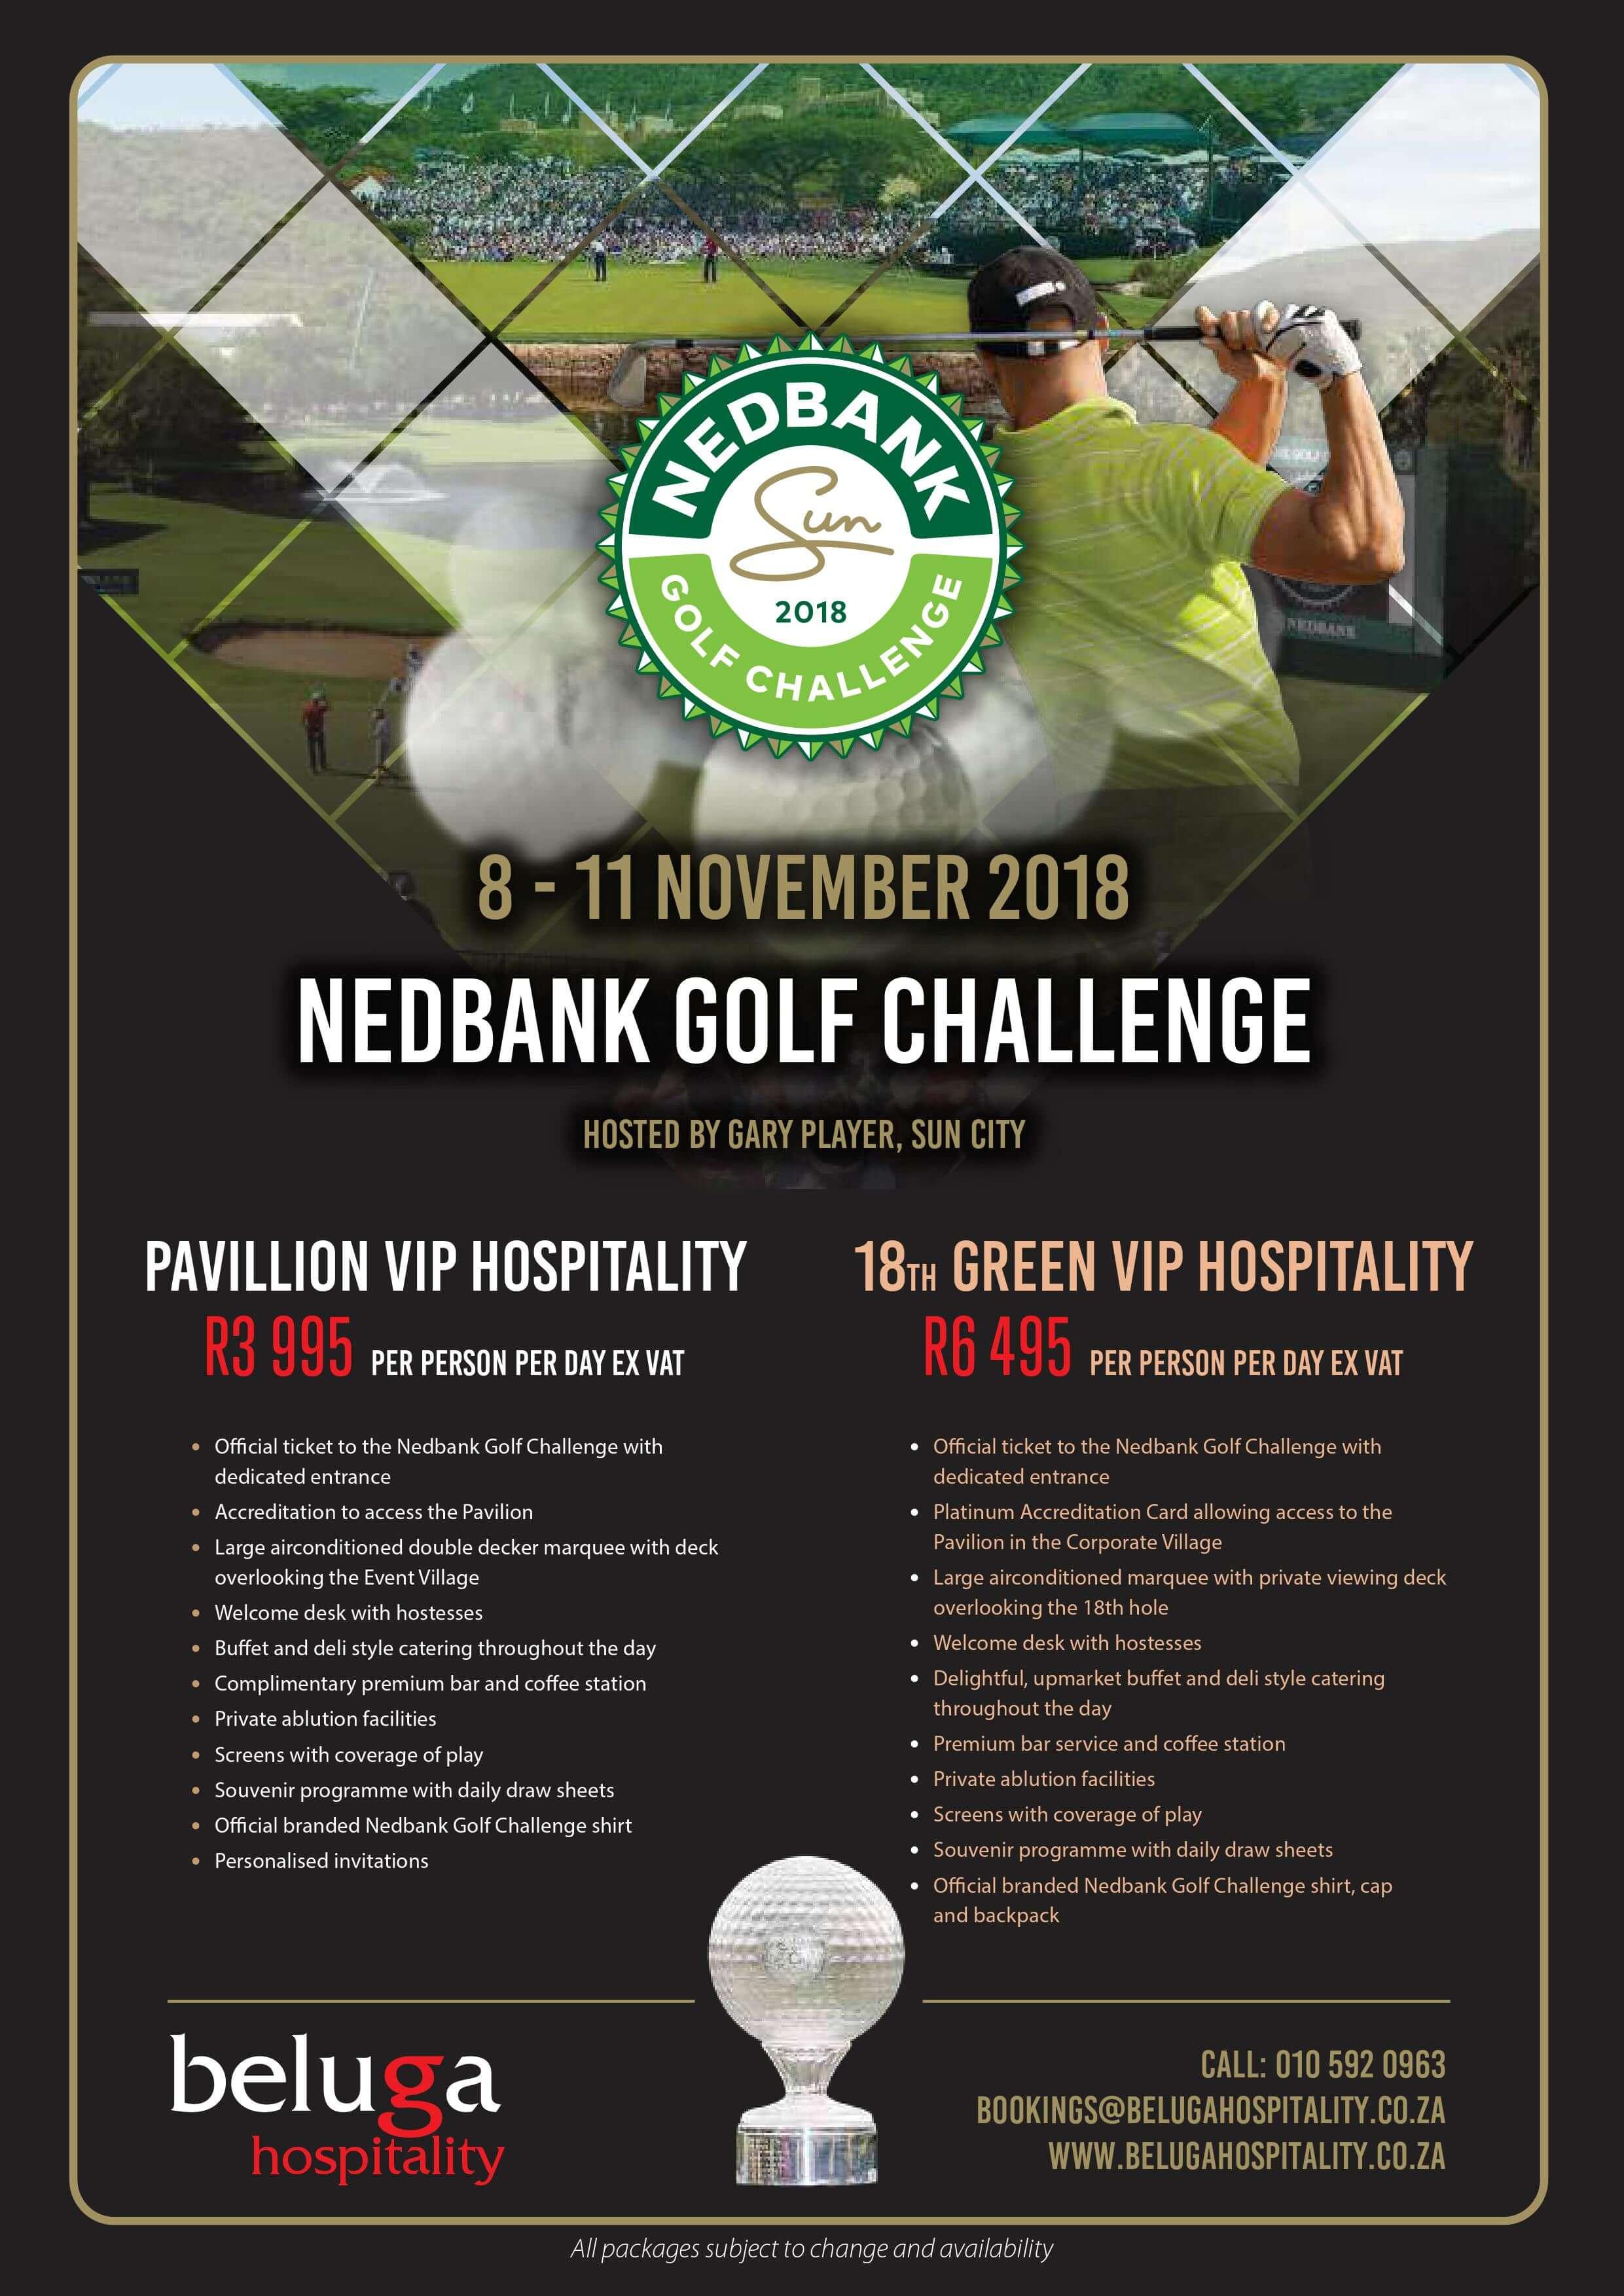 nedbank golf challenge - photo #35